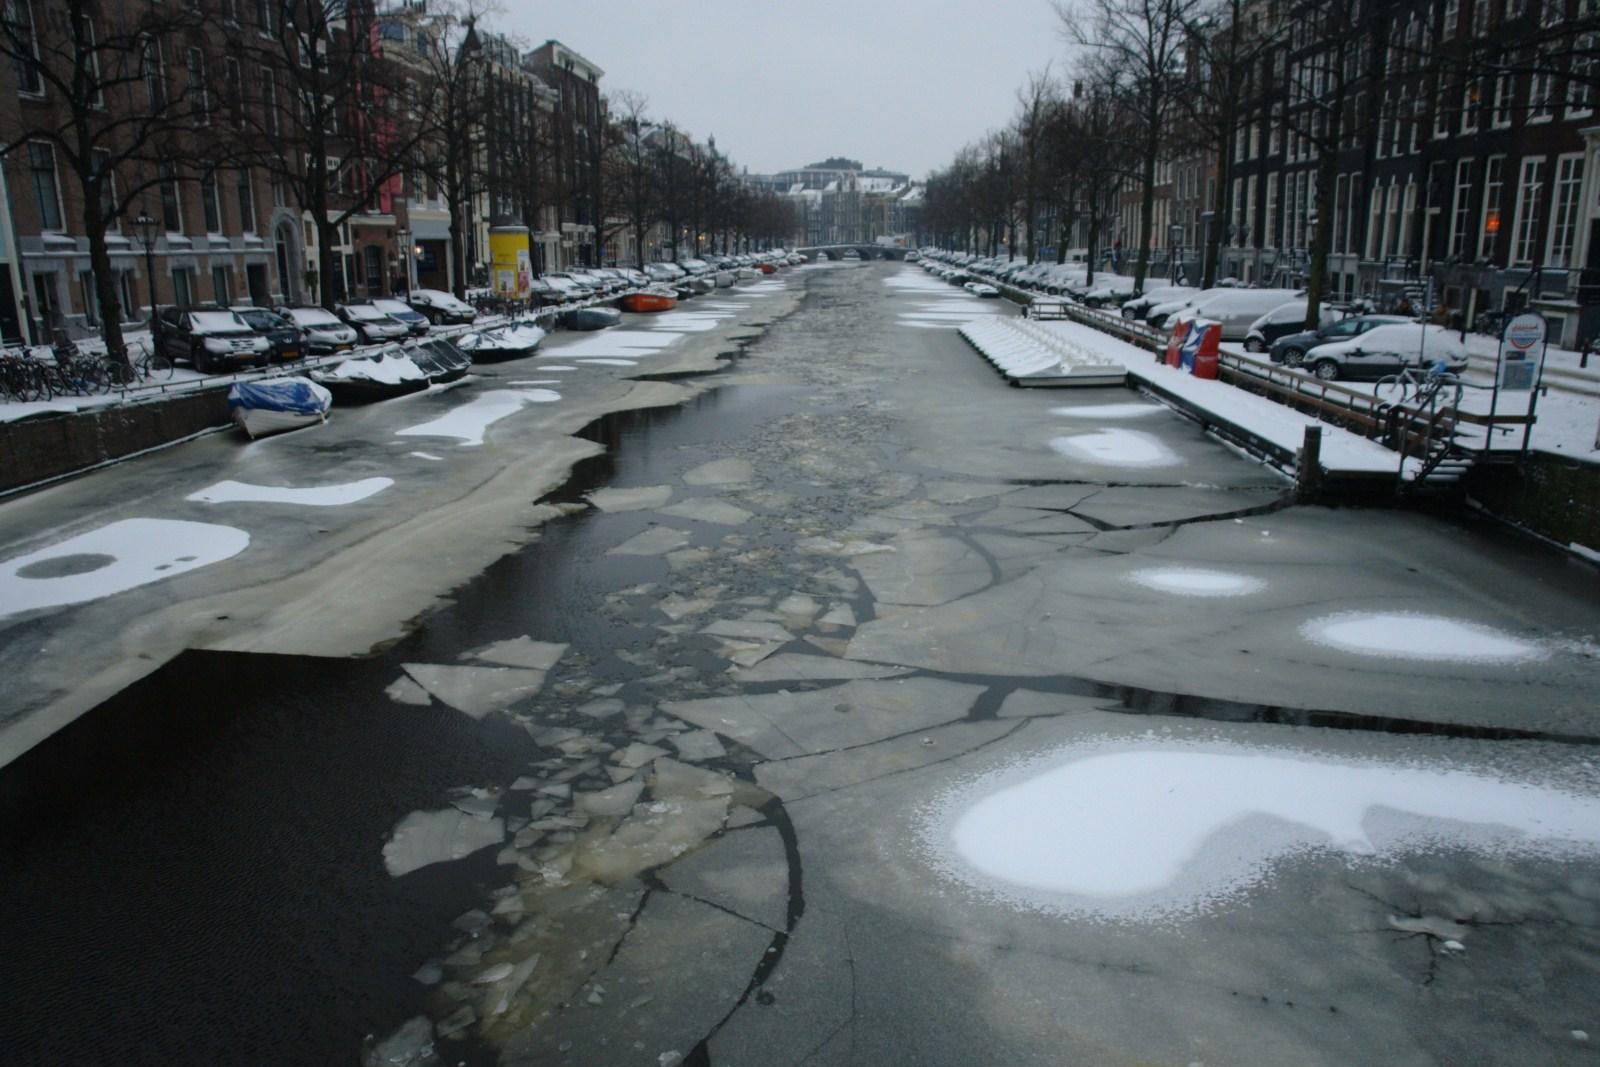 """Diciembre ... mala época para disfrutar de los canales, ¡¡ qué frío !! intentando volar con """"marihuana airlines"""" desde amsterdam - 5251533889 dcb5835bdb o - Intentando volar con """"Marihuana Airlines"""" desde Amsterdam"""